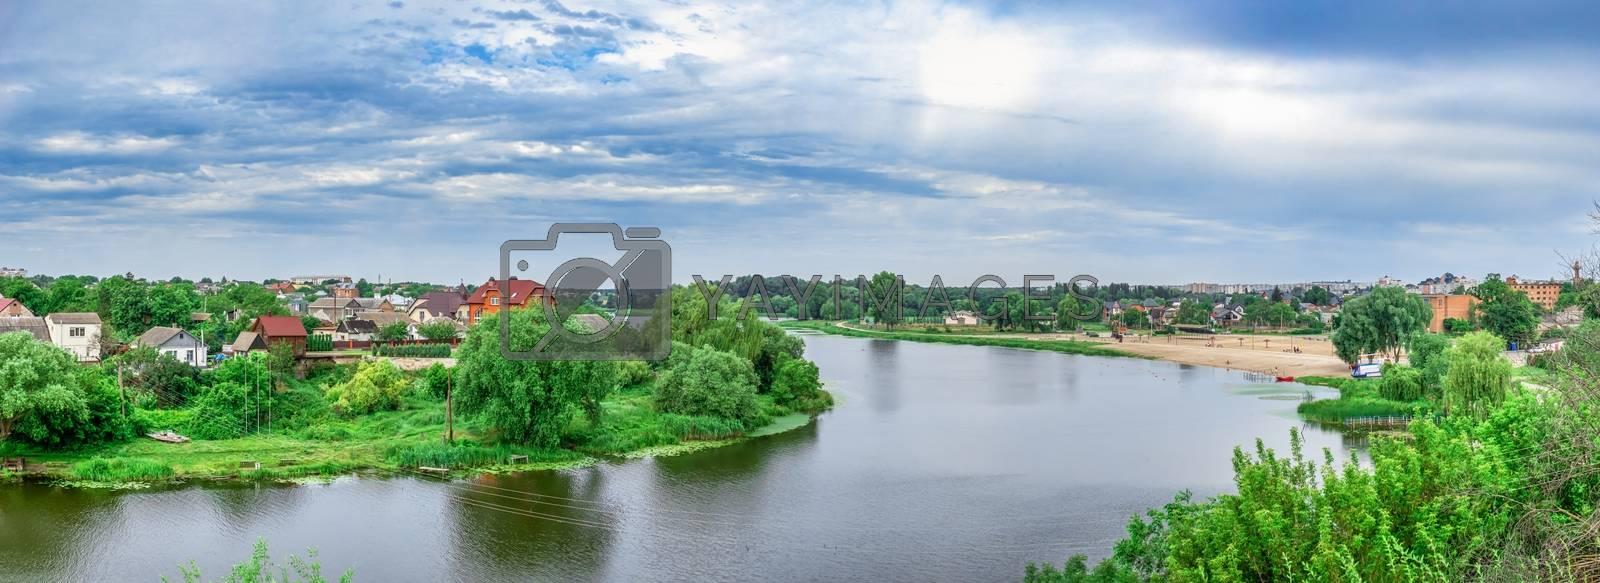 Bila Tserkva, Ukraine 06.20.2020. Ros river in the city of Bila Tserkva, Ukraine, on a cloudy summer day